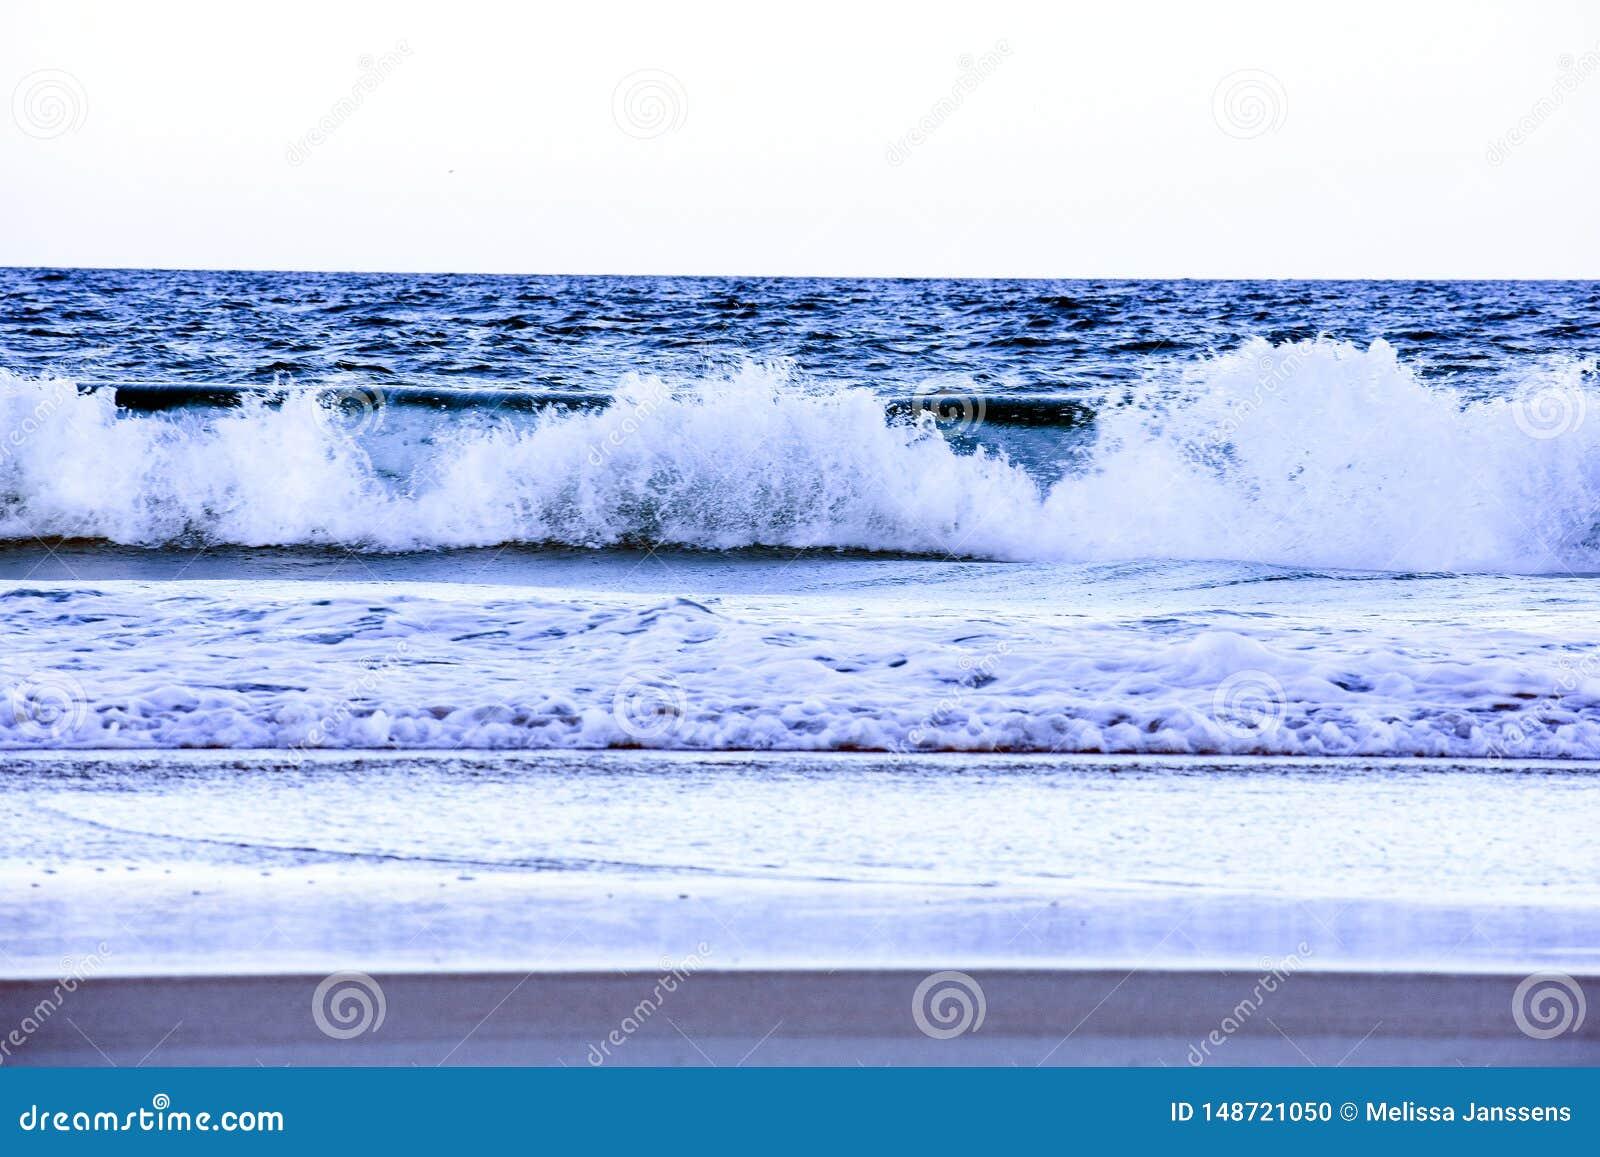 Συντρίβοντας μπλε κύματα κατά μήκος της ακτής των παραλιών της Φλώριδας στον κολπίσκο Ponce και την παραλία Ormond, Φλώριδα